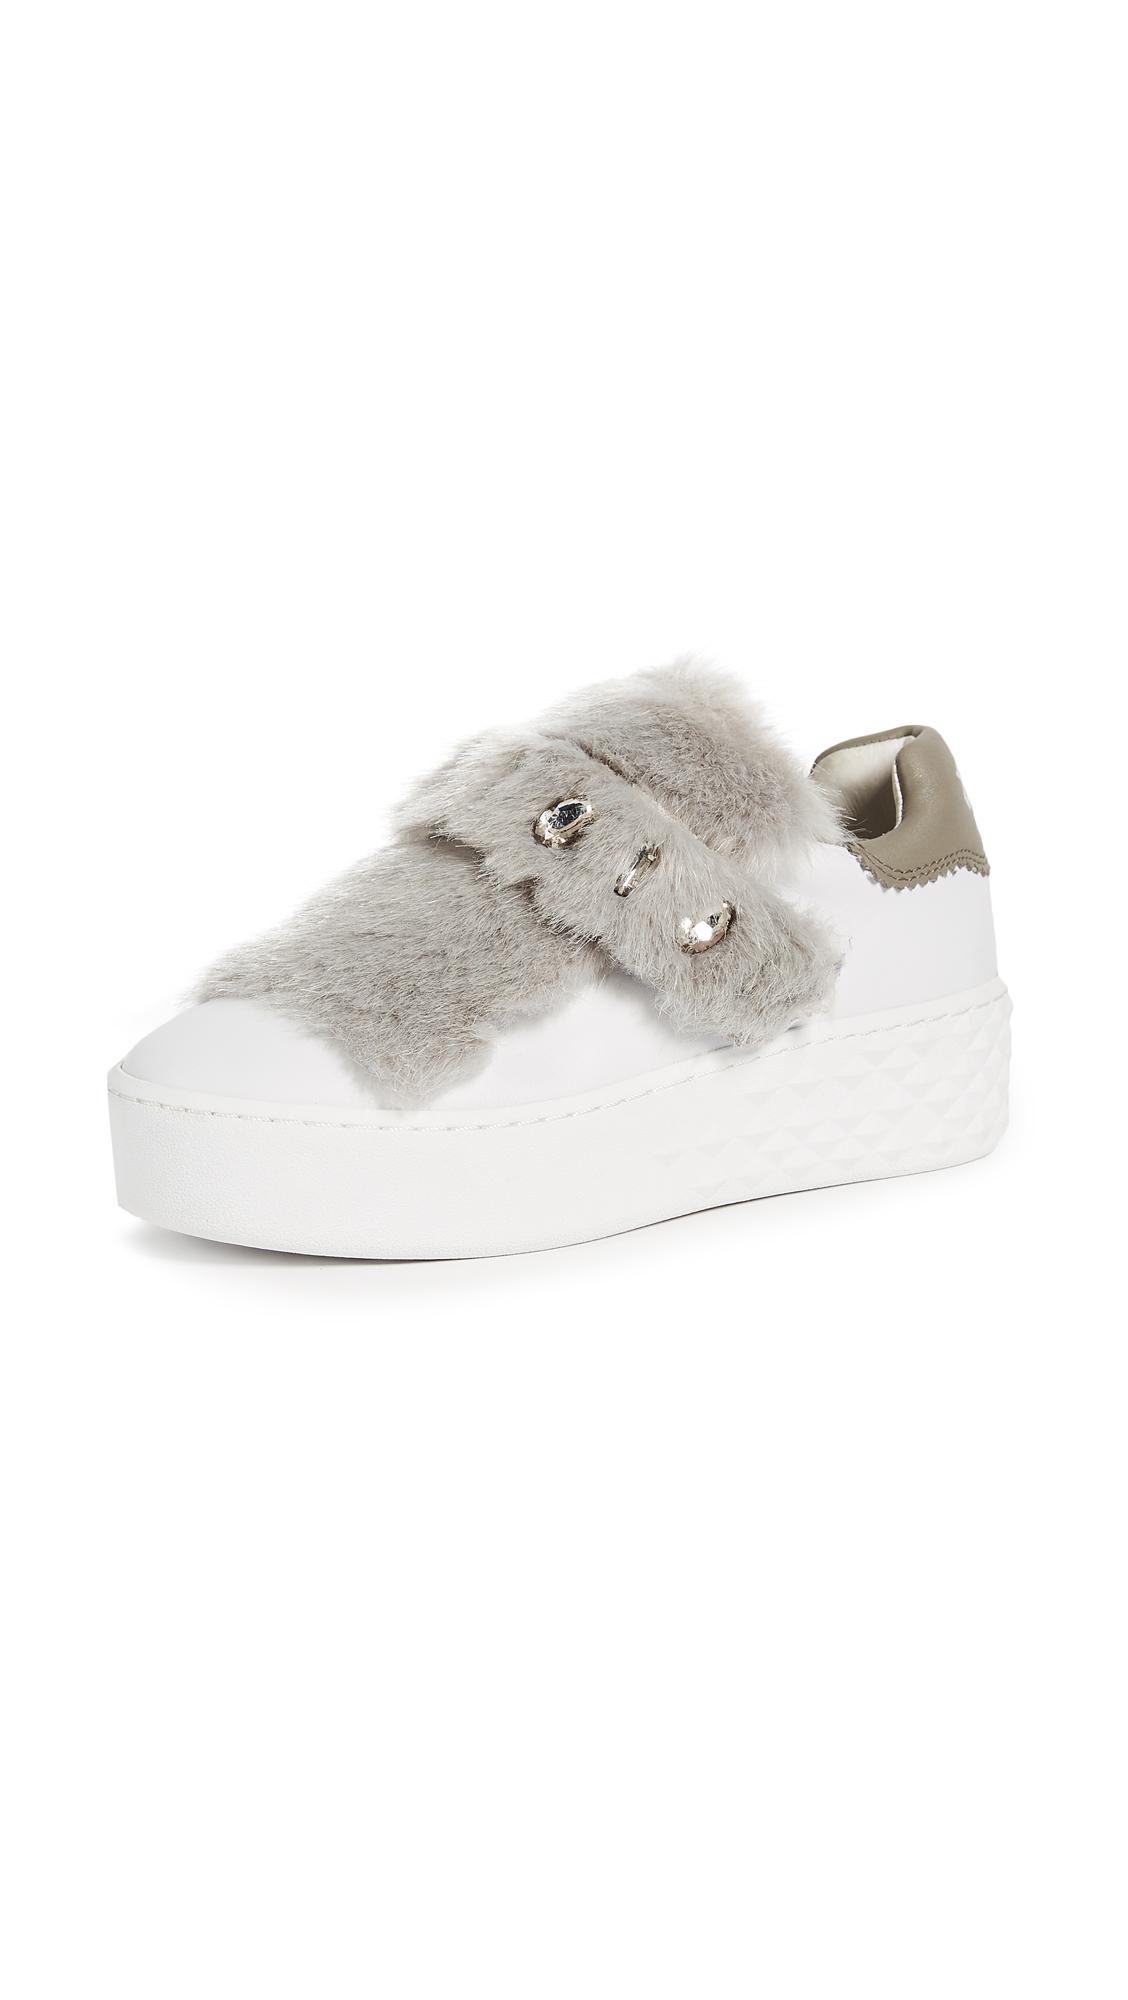 Ash Djin Platform Sneakers - White/Flanelle